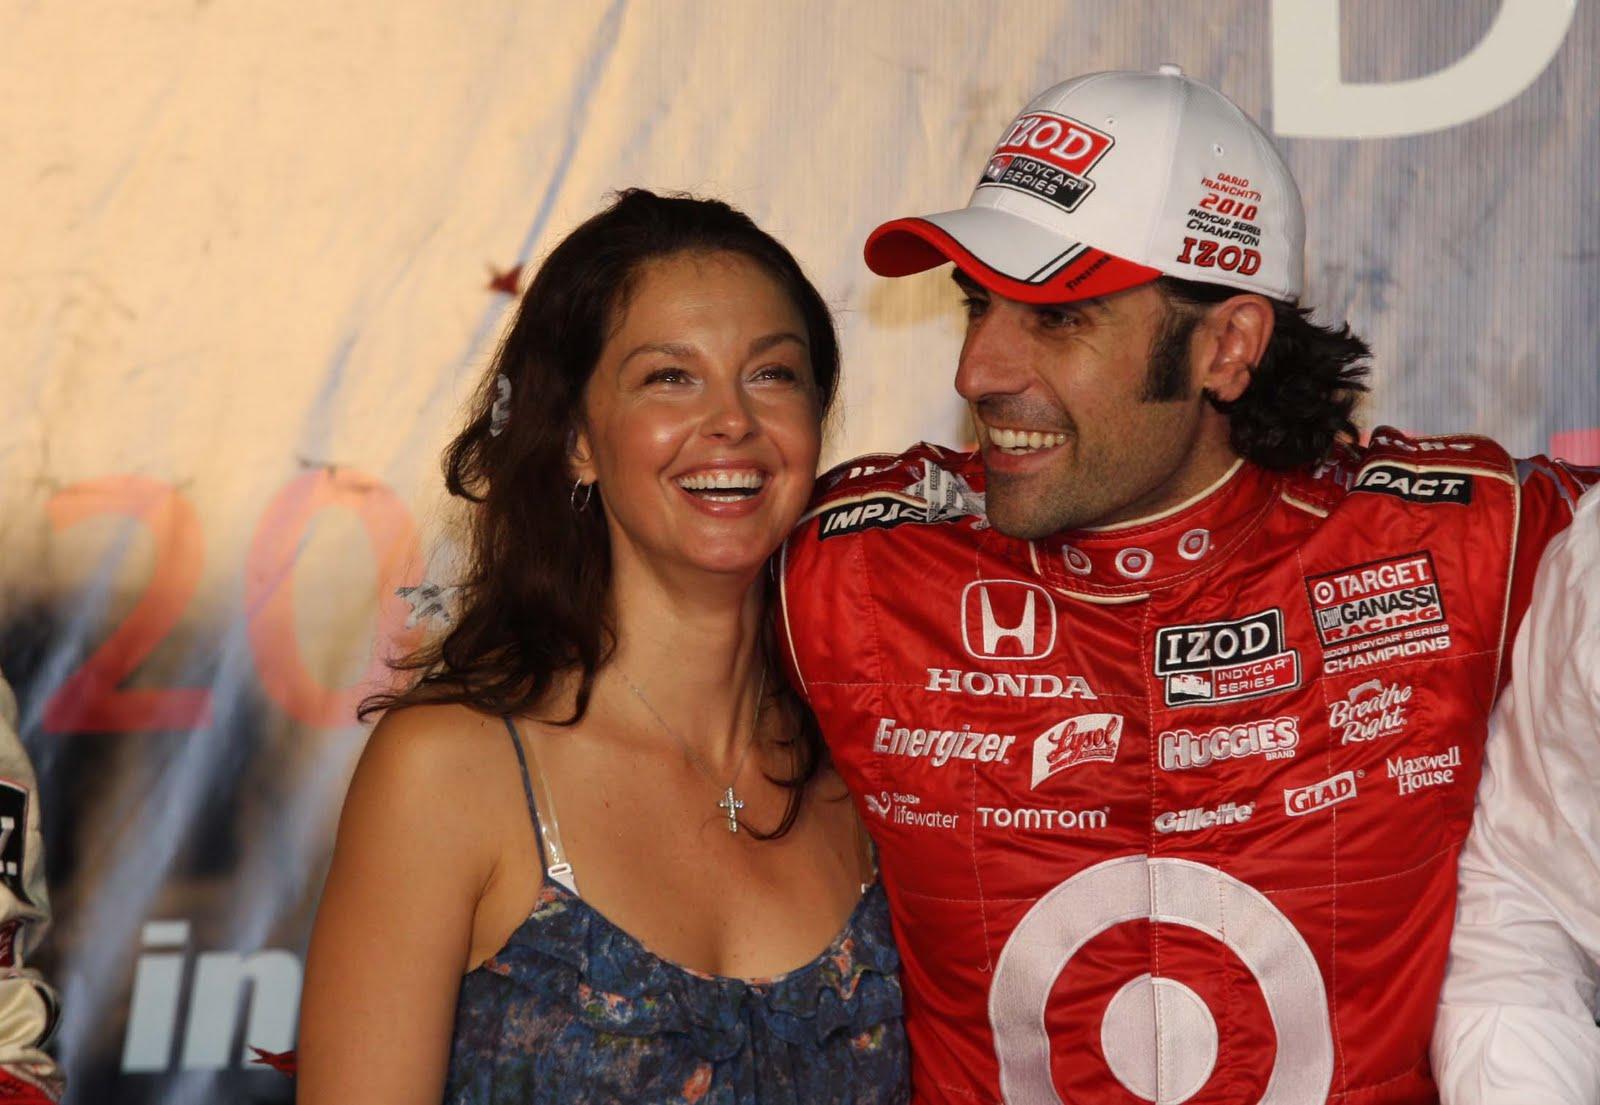 http://1.bp.blogspot.com/_pzNp789dO34/TKj_Ix2XK_I/AAAAAAAAGAM/c5tYjHBjm1c/s1600/IMG_1305+a+atriz+americana+Ashley+Judd+e+o+marido,+campeao+da+temporada+2010,+Dario+Franchitti.JPG